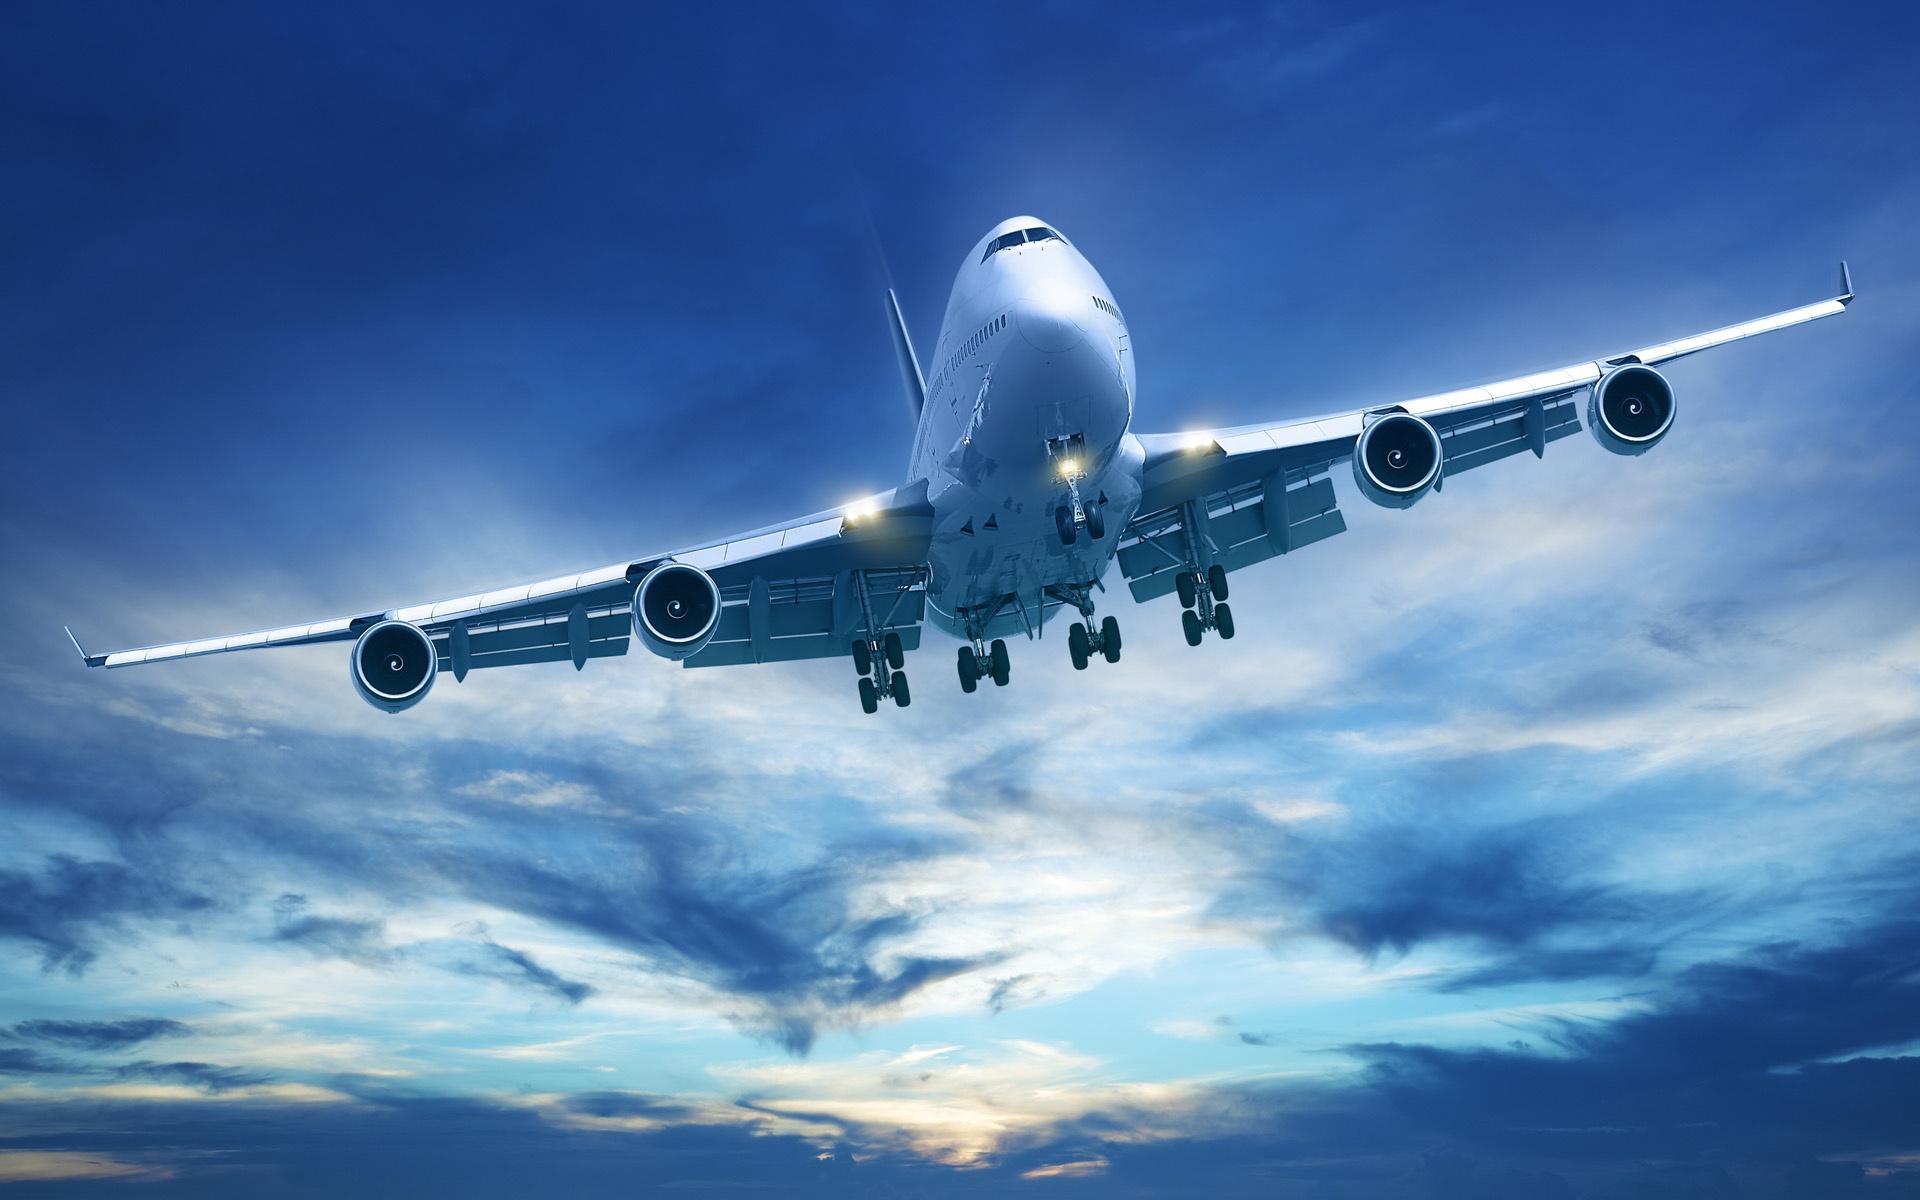 Avión-nubes-Boeing-747-Boeing